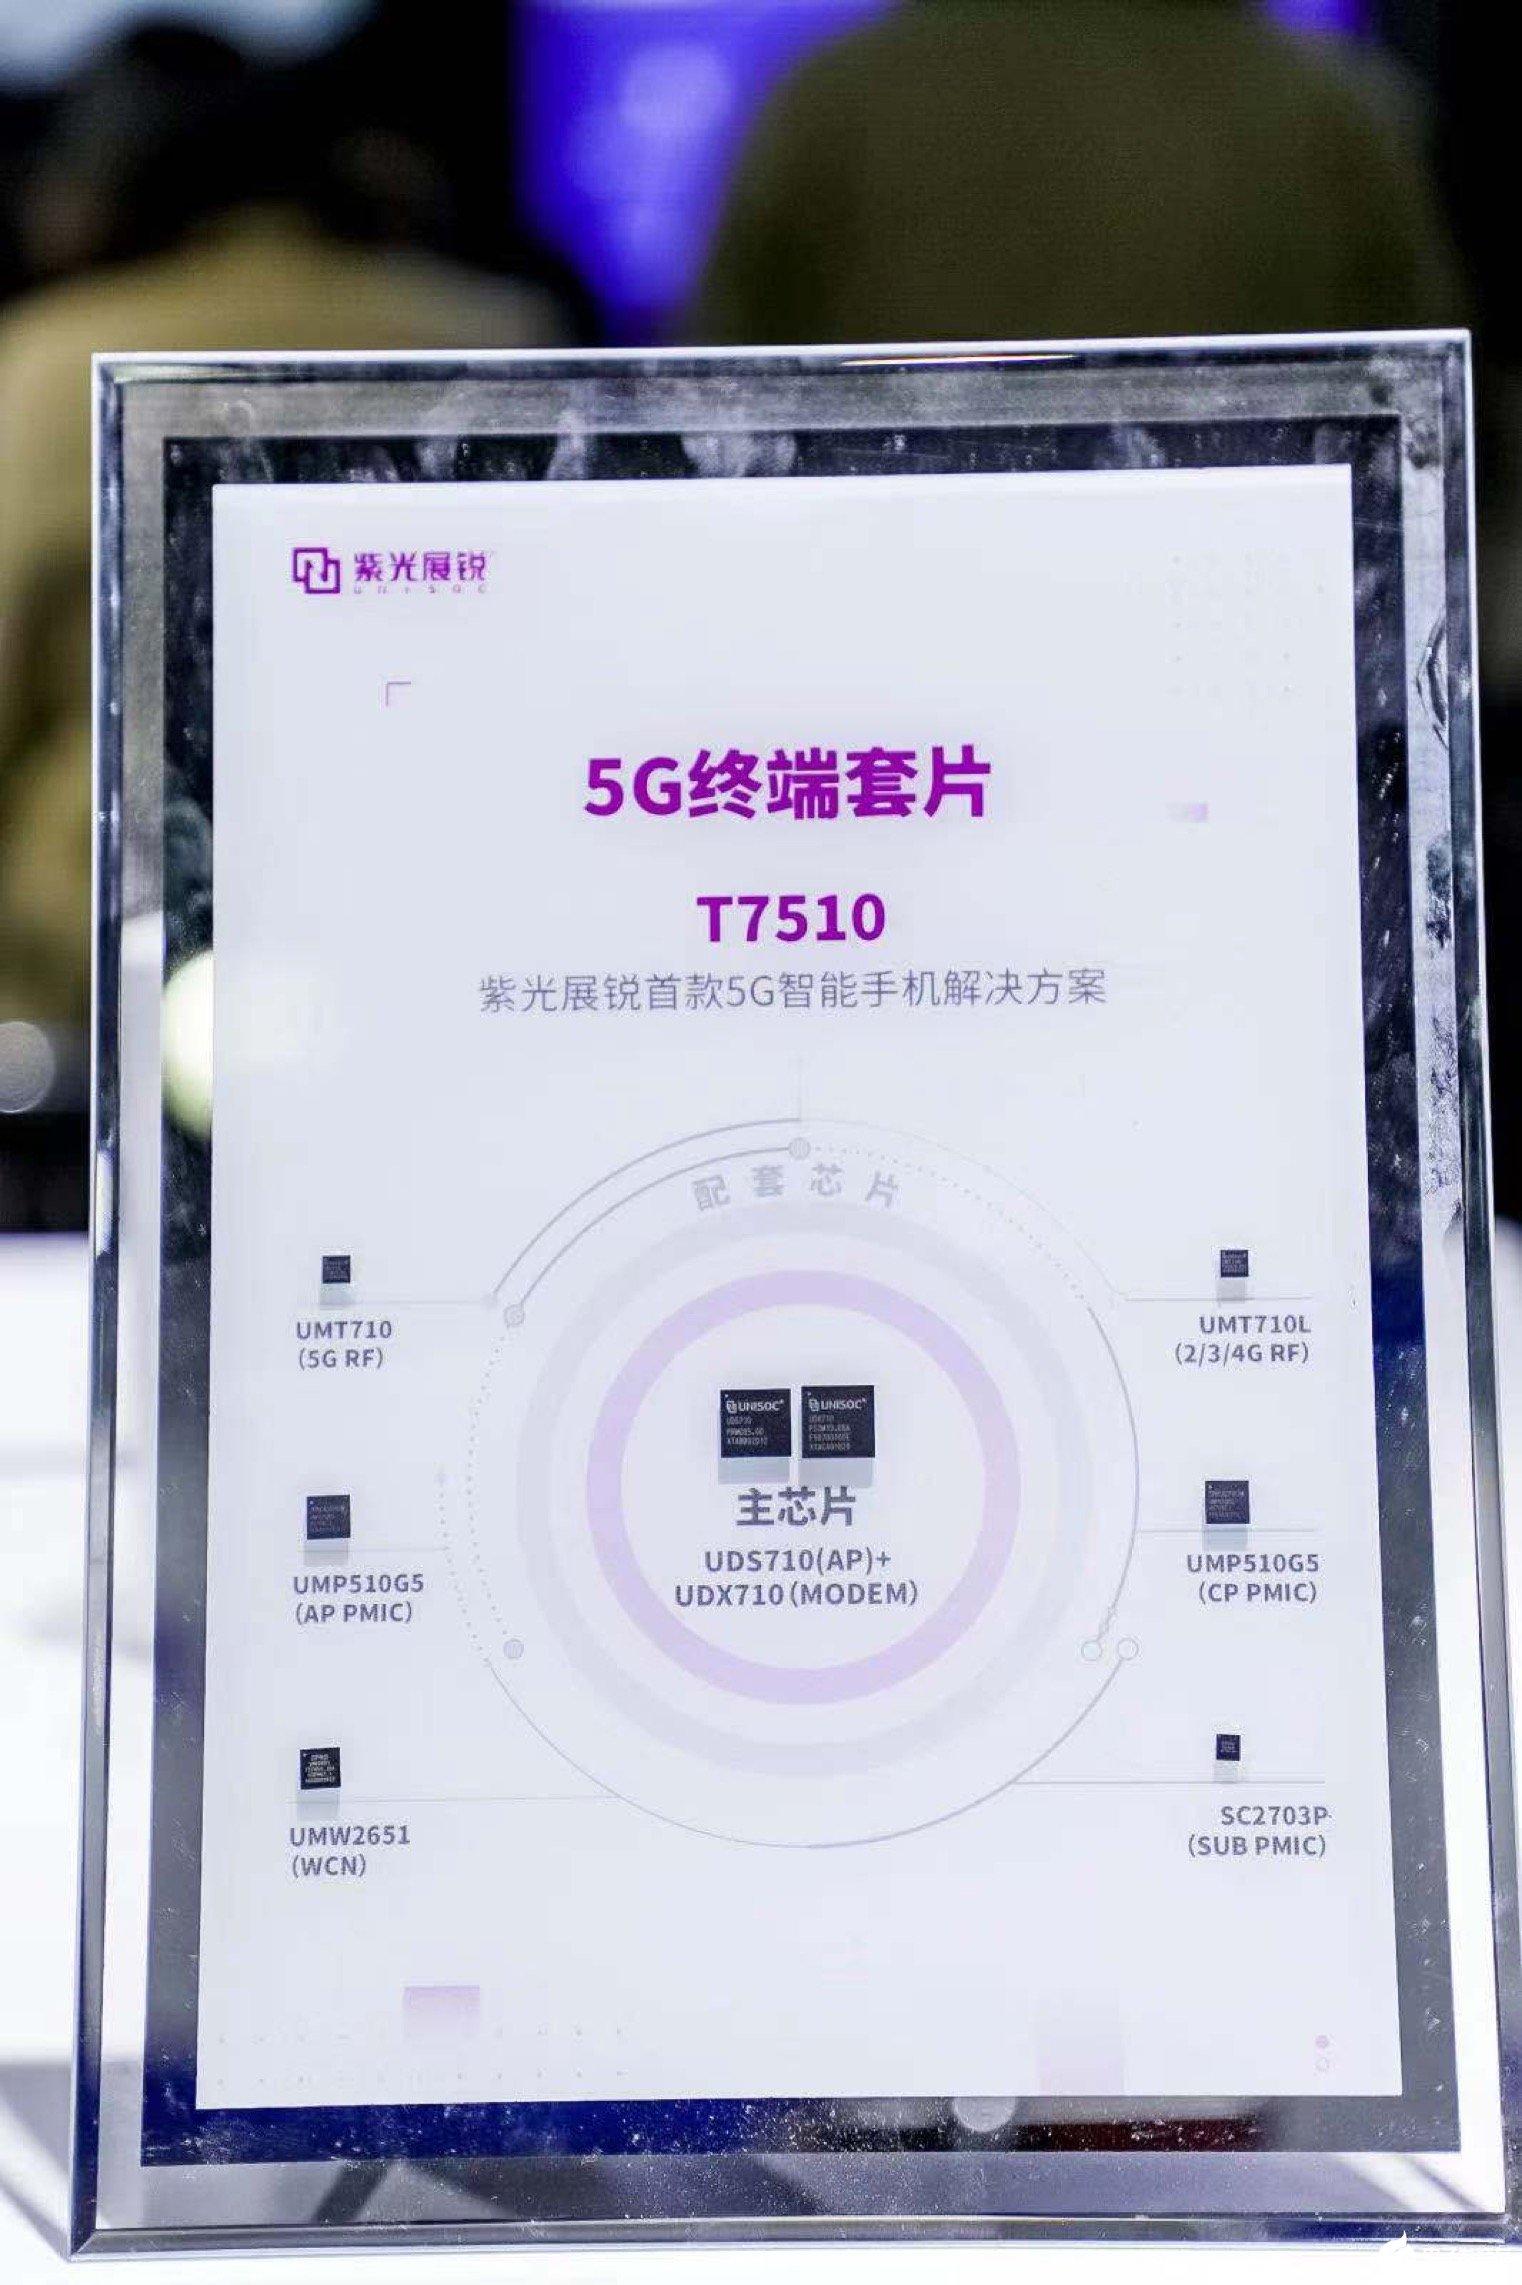 展锐5G产品与解决方案亮相2021 MWC,首款6nm 5G芯片加速推动量产